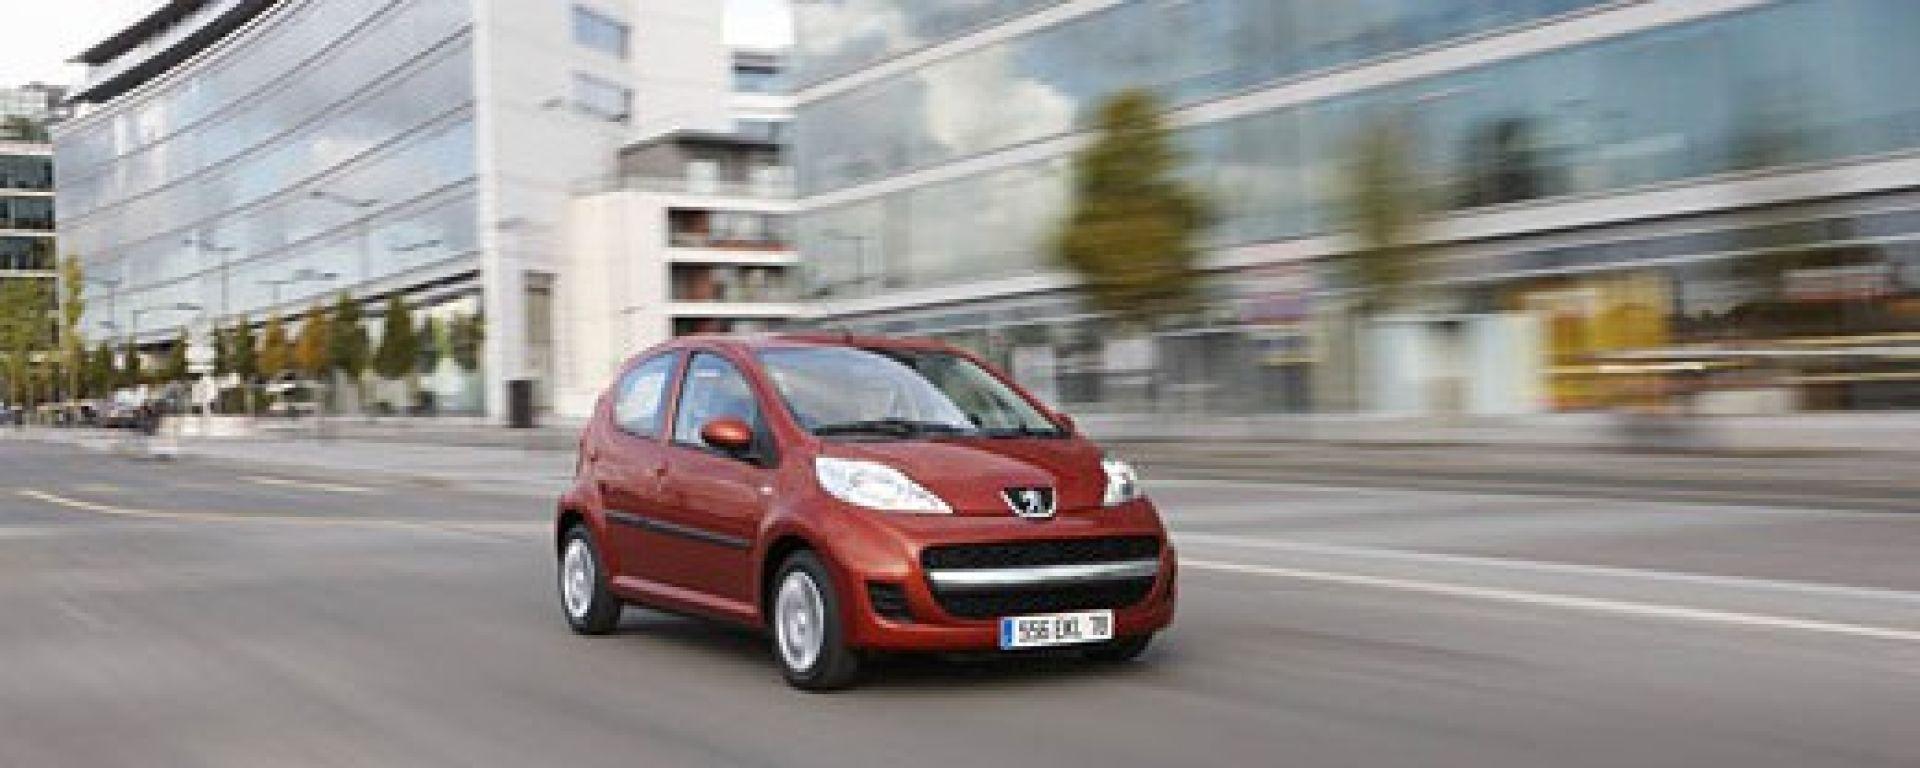 Peugeot 107 2009